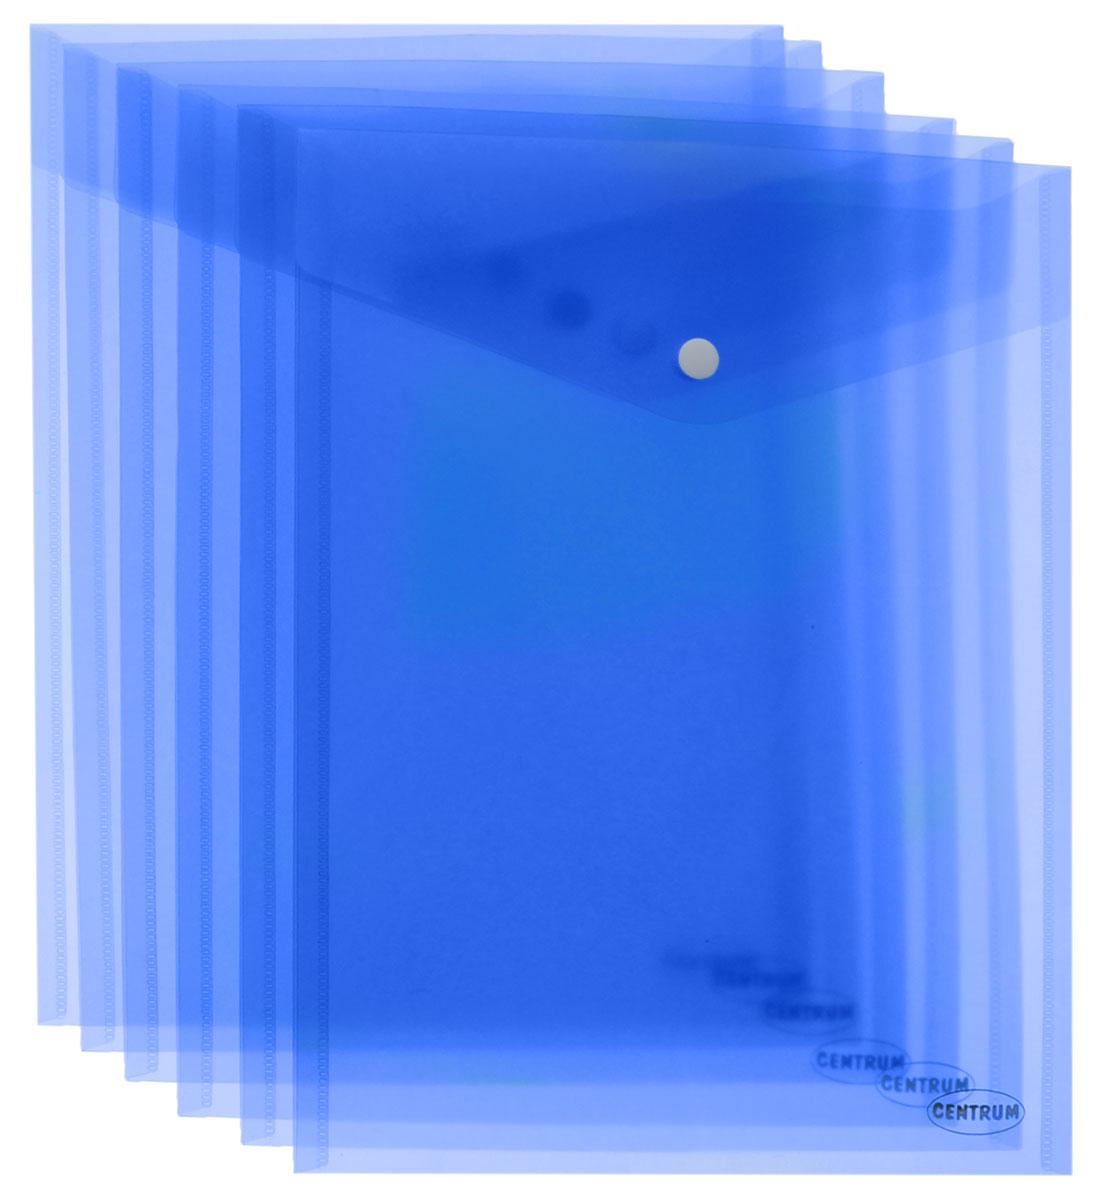 Centrum Папка-конверт на кнопке 6 шт цвет голубой80046О_голубойВертикальная папка-конверт Centrum - это удобный и функциональный офисный инструмент, предназначенный для хранения и транспортировки рабочих бумаг и документов формата А4. Папка изготовлена из полупрозрачного пластика, закрывается клапаном на кнопке. В комплект входят 6 папок голубого цвета формата A4. Папка-конверт - это незаменимый атрибут для студента, школьника, офисного работника. Такая папка надежно сохранит ваши документы и сбережет их от повреждений, пыли и влаги.